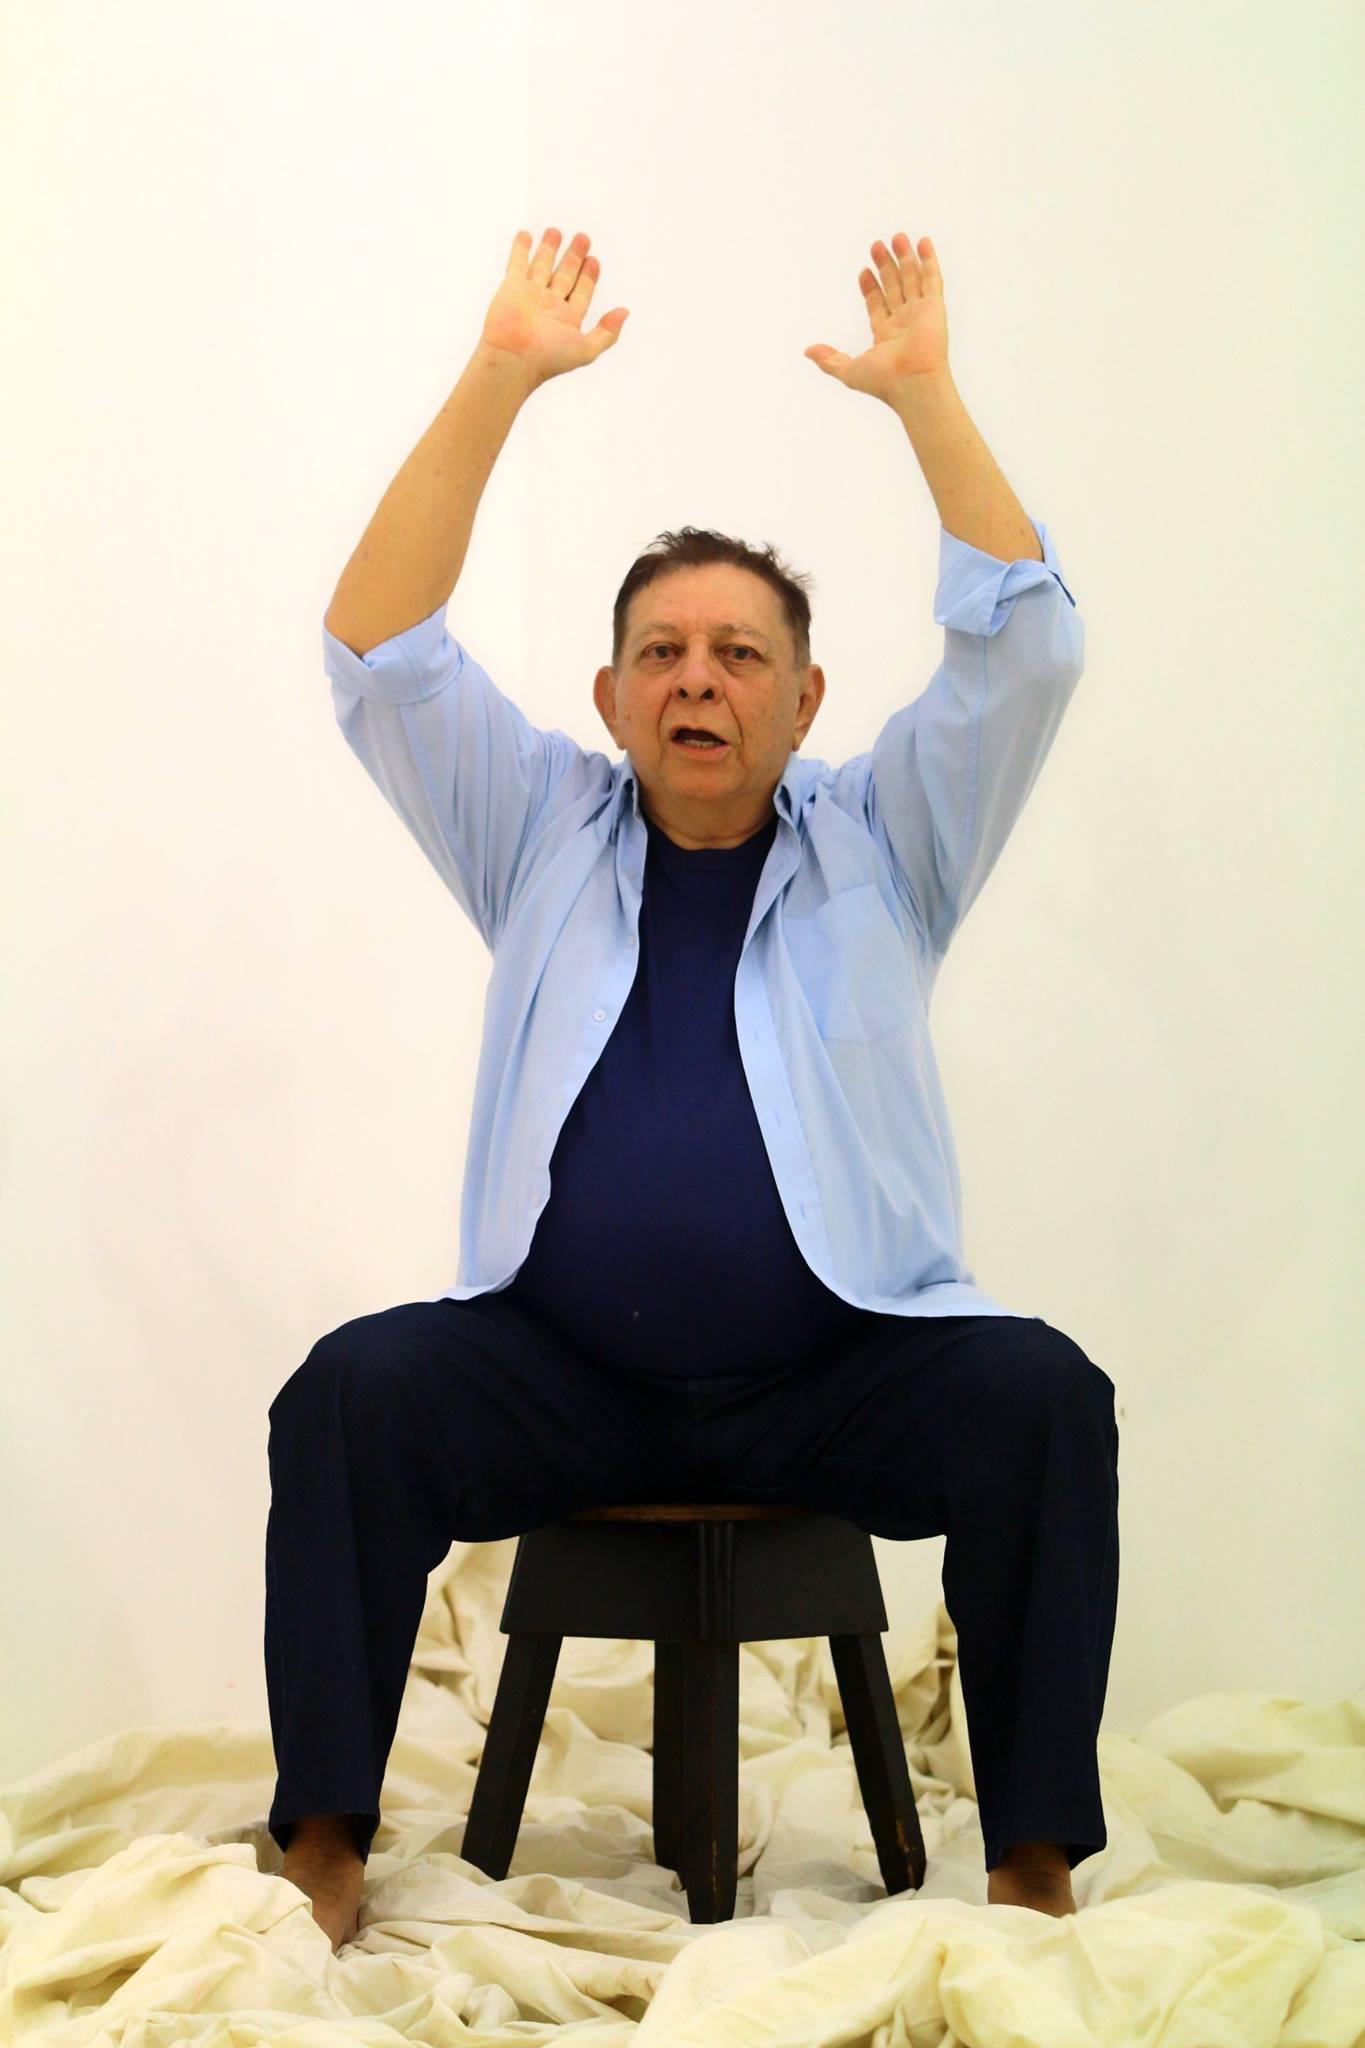 Luiz Carlos Ribeiro - O Homem do Barranco